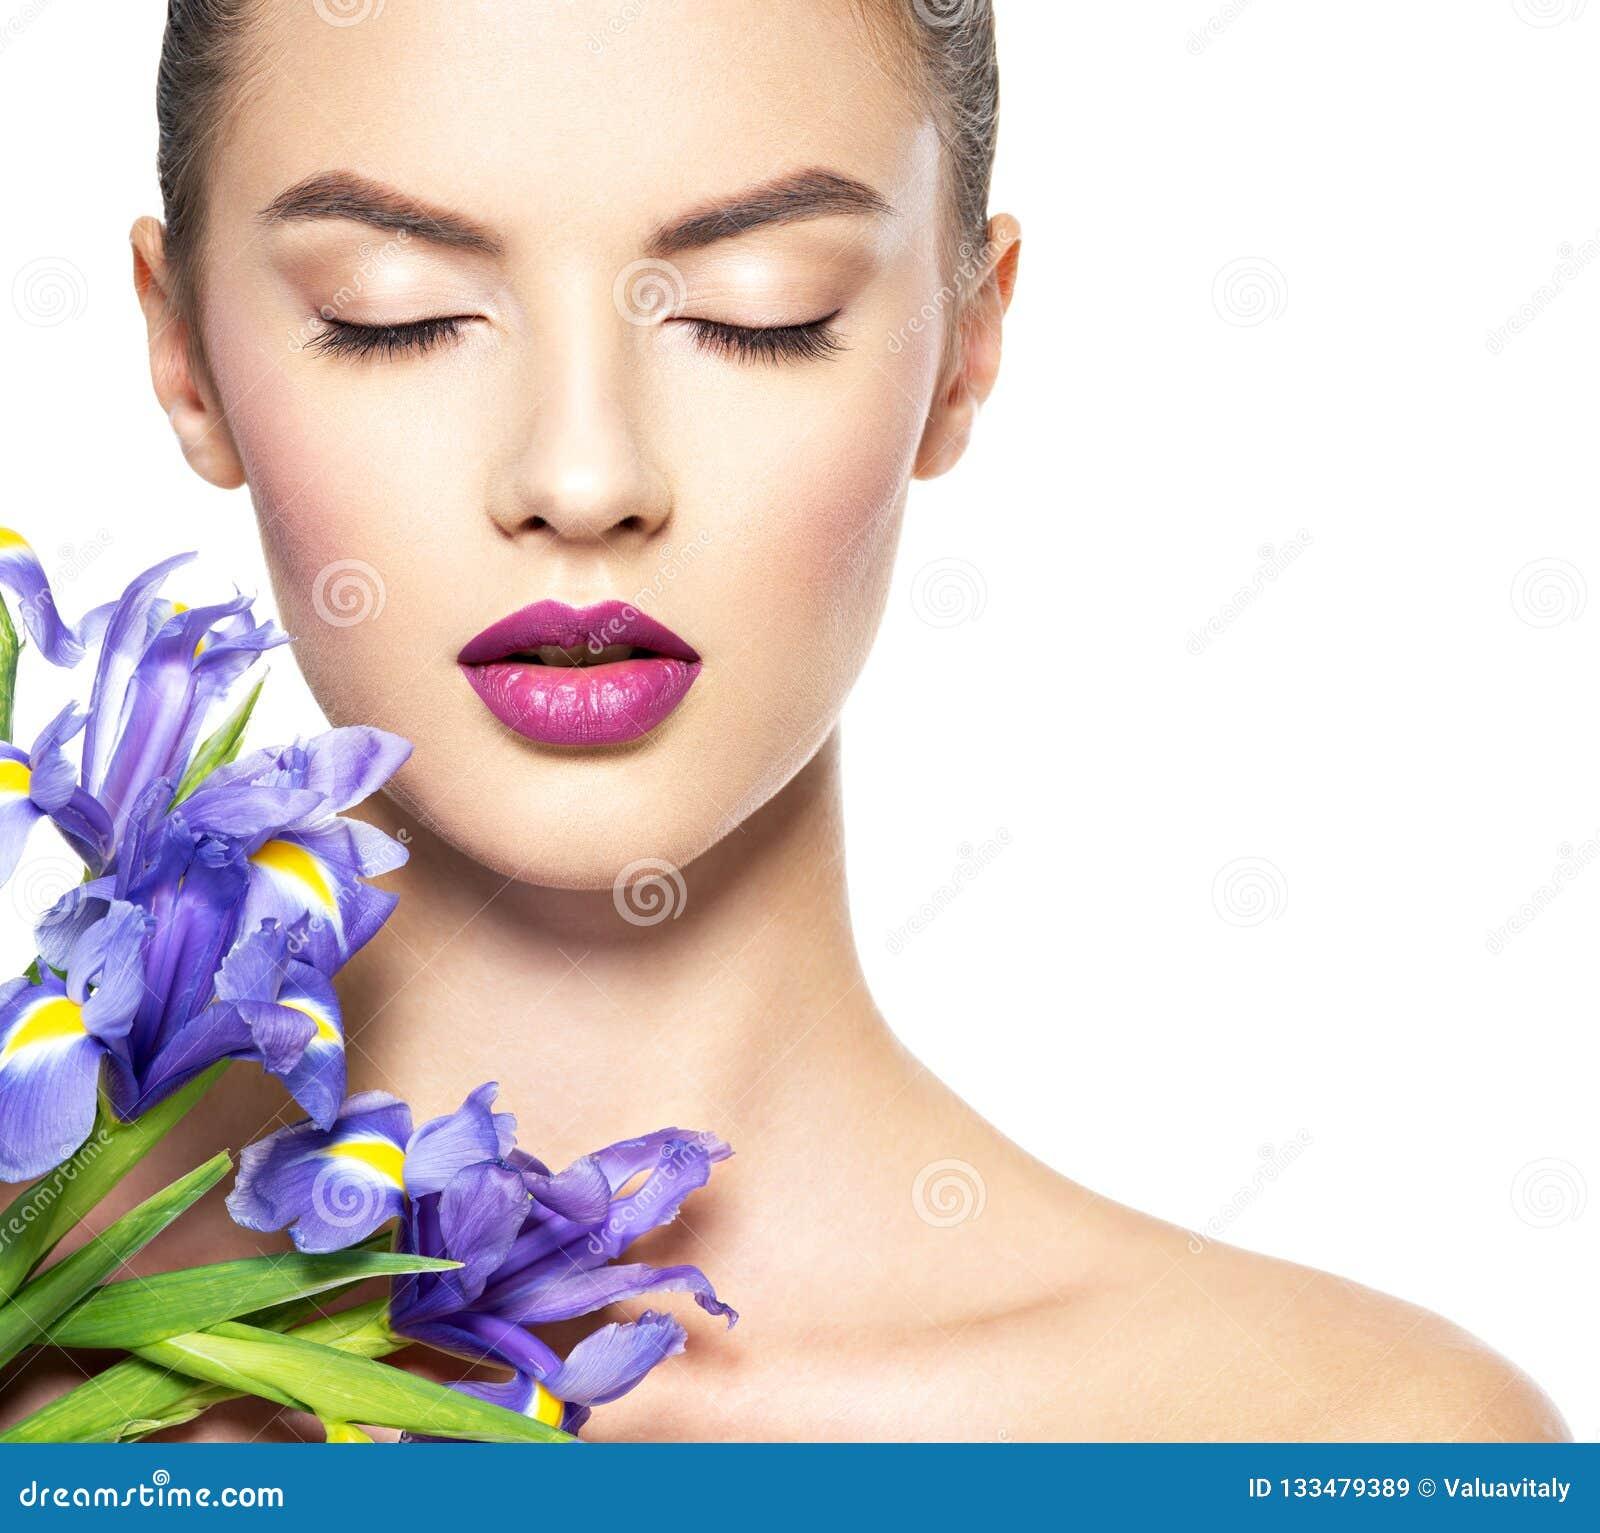 Πορτρέτο της νέας όμορφης γυναίκας με ένα υγιές καθαρό δέρμα του τ